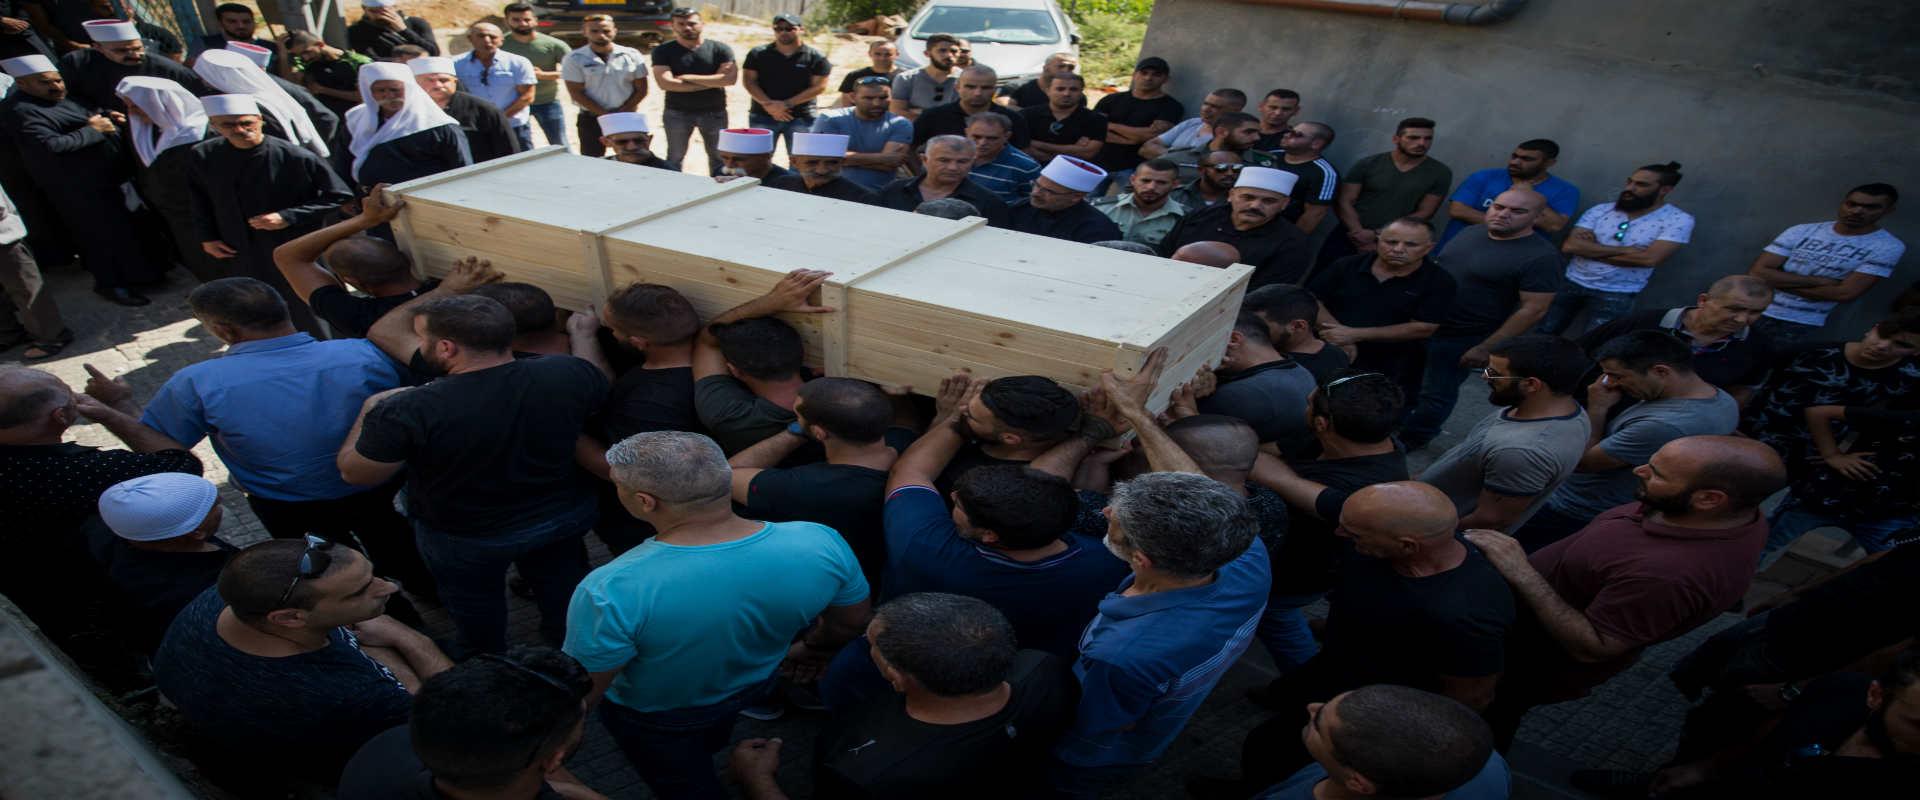 הלוויתו של האיל סיתאוי, השוטר שנהרג בפיגוע בהר הבי